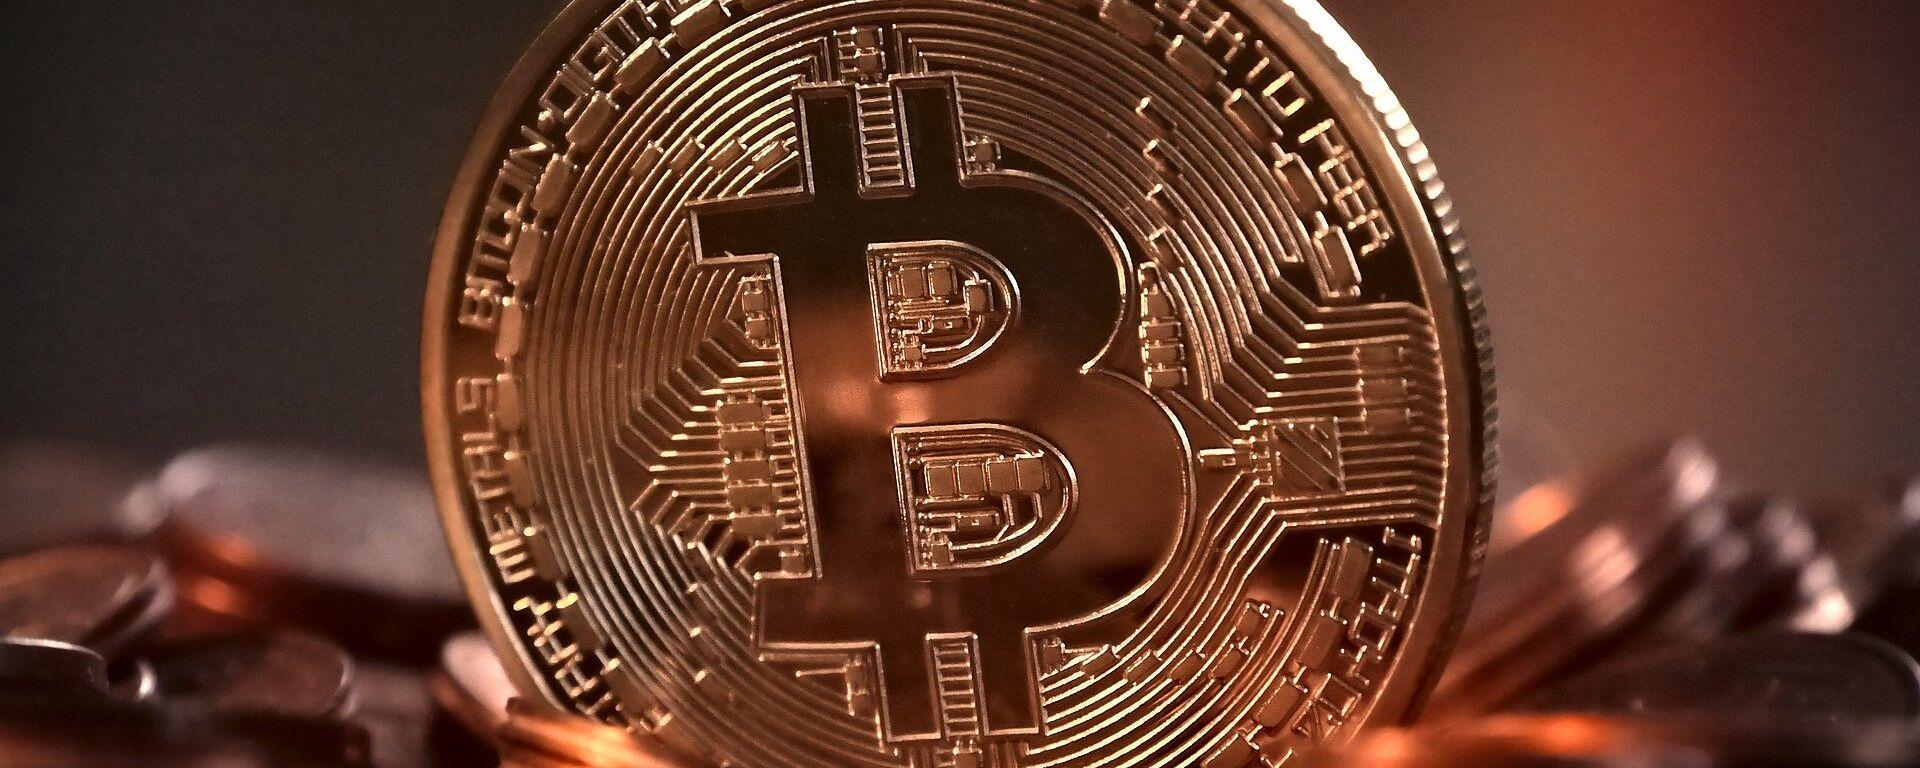 Un bitcoin - Sputnik Mundo, 1920, 20.04.2021